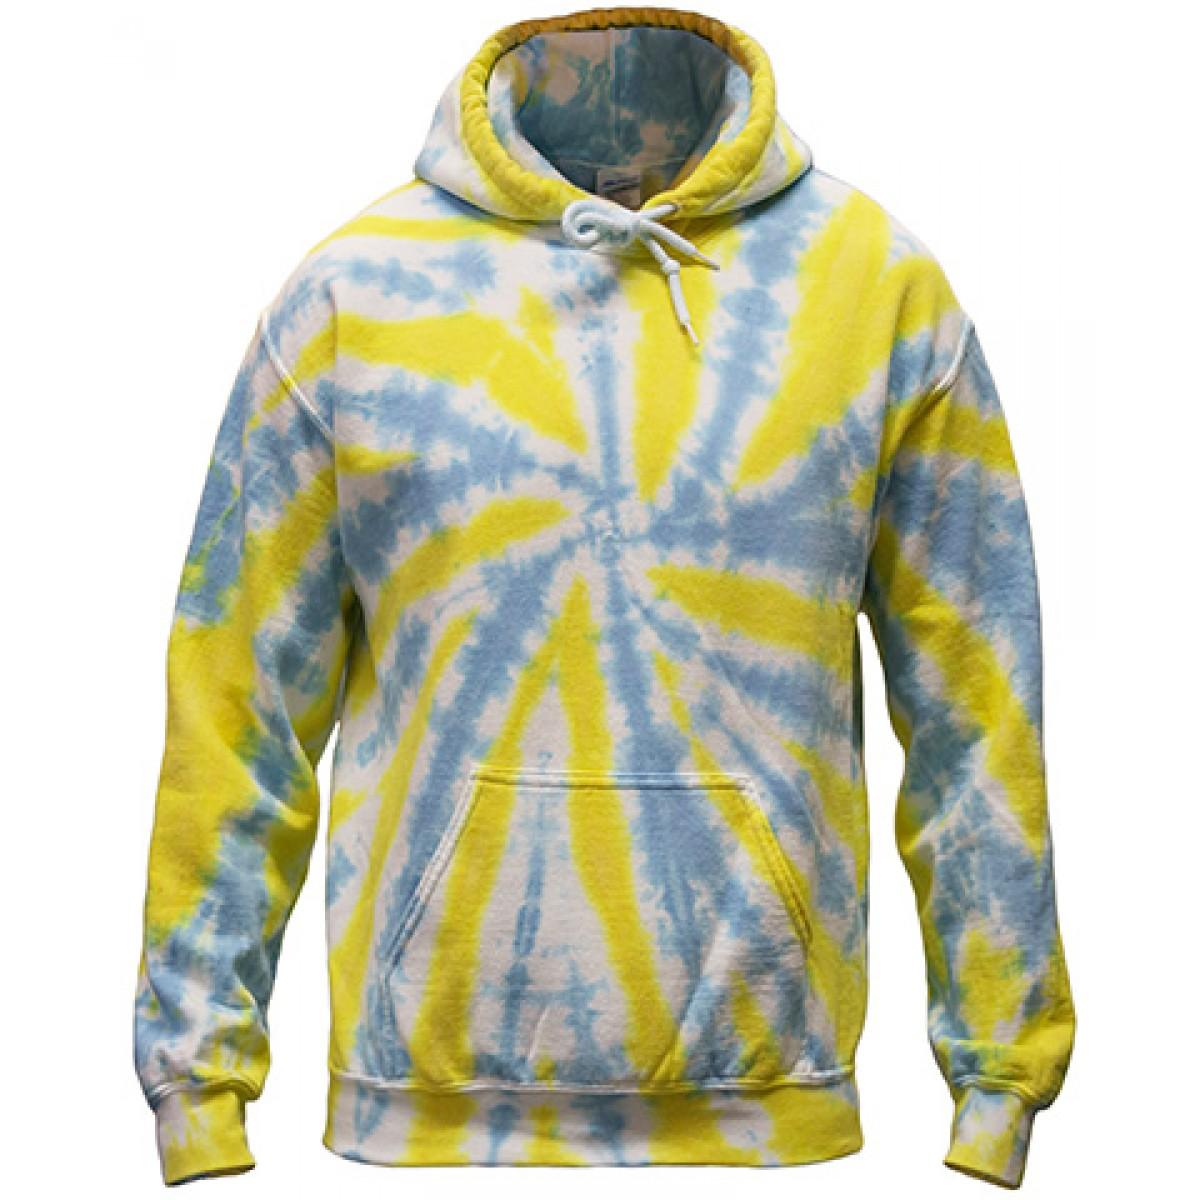 Tie-Dye Pullover Hooded Sweatshirt-Blue/Yellow-L